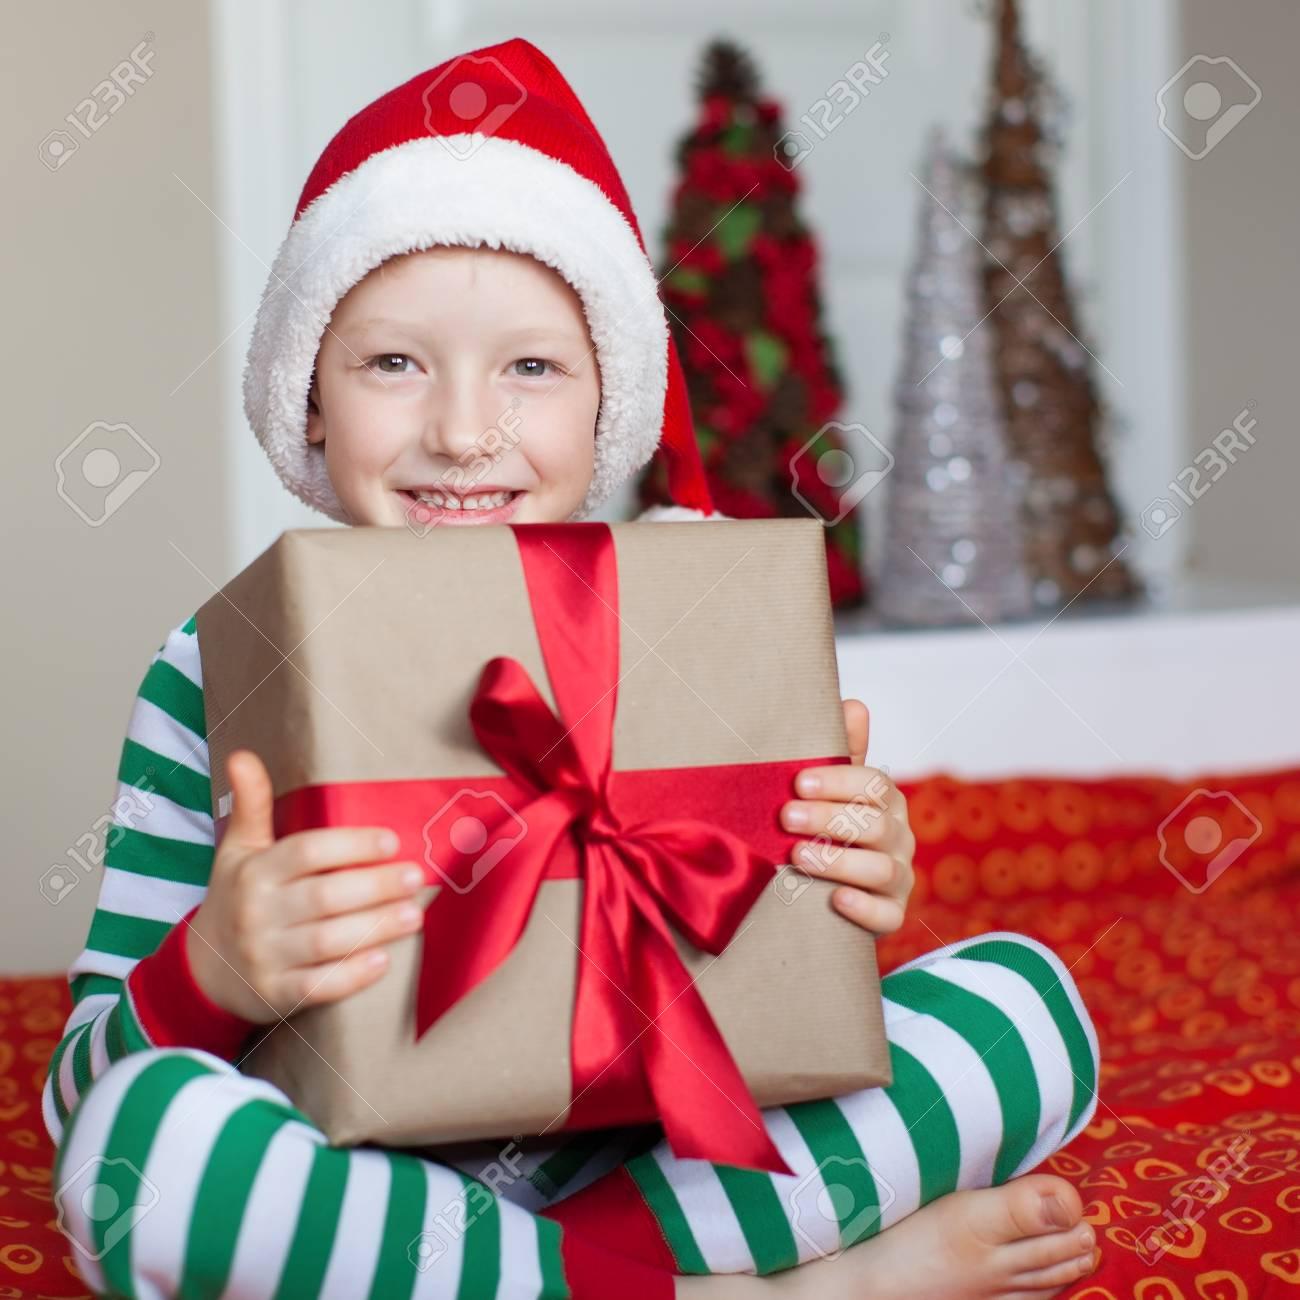 Kleiner Lächelnder Junge Im Hut Betrieb Weihnachtsgeschenk Sankt ...